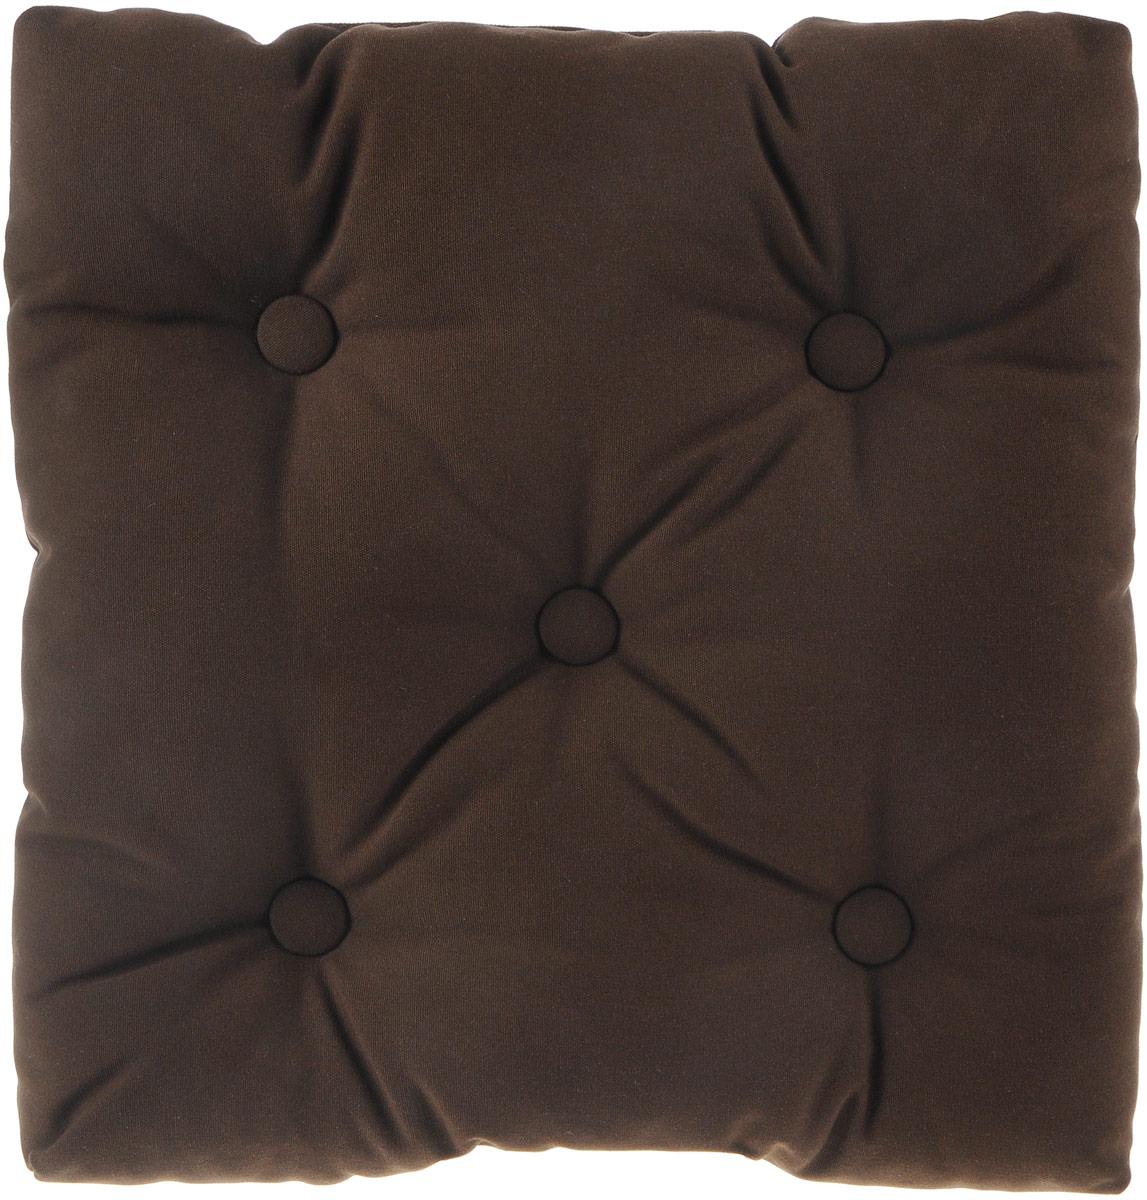 Подушка на стул KauffOrt Сад, цвет: коричневый, 40 x 40 см3121382150Подушка на стул KauffOrt Сад не только красиво дополнит интерьер кухни, но и обеспечит комфорт при сидении. Изделие выполнено из материалов высокого качества. Подушка легко крепится на стул с помощью завязок. Правильно сидеть - значит сохранить здоровье на долгие годы. Жесткие сидения подвергают наше здоровье опасности. Подушка с мягким наполнителем поможет предотвратить большинство нежелательных последствий сидячего образа жизни.Толщина подушки: 10 см.